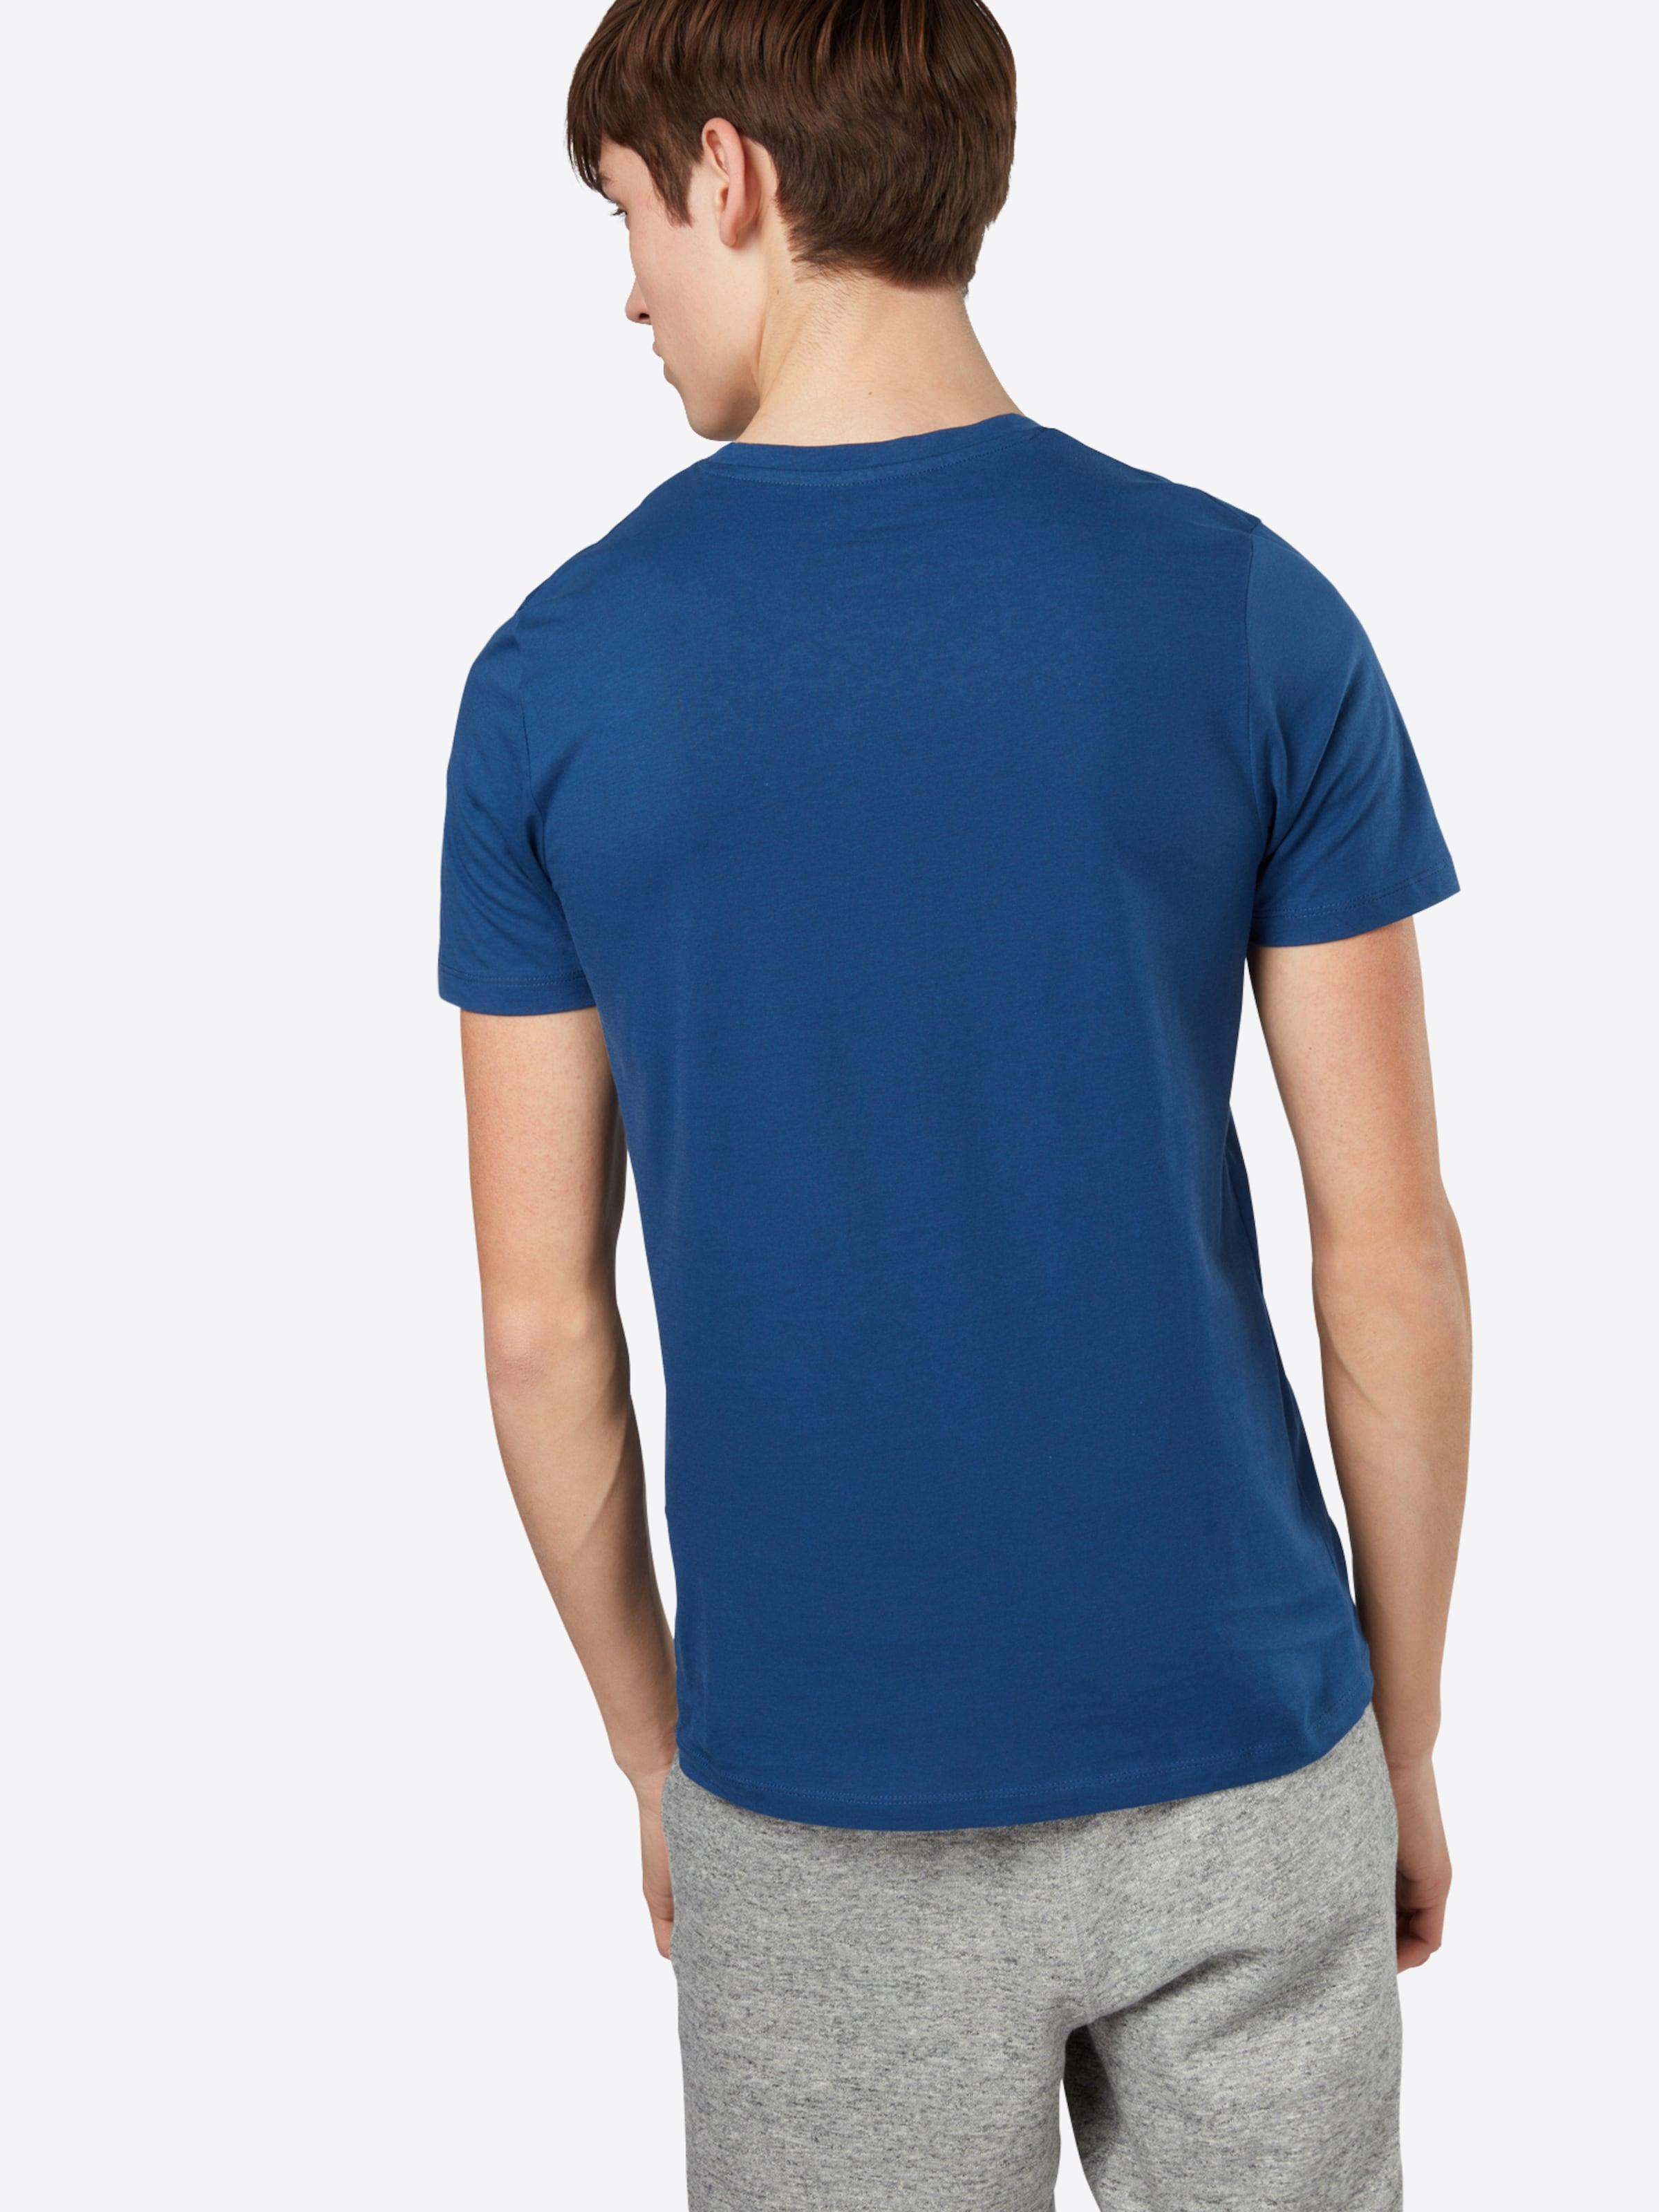 JACK & JONES T-Shirt 'JORMUSAI SS CREW NECK' Erscheinungsdaten 0jUL3V5sC